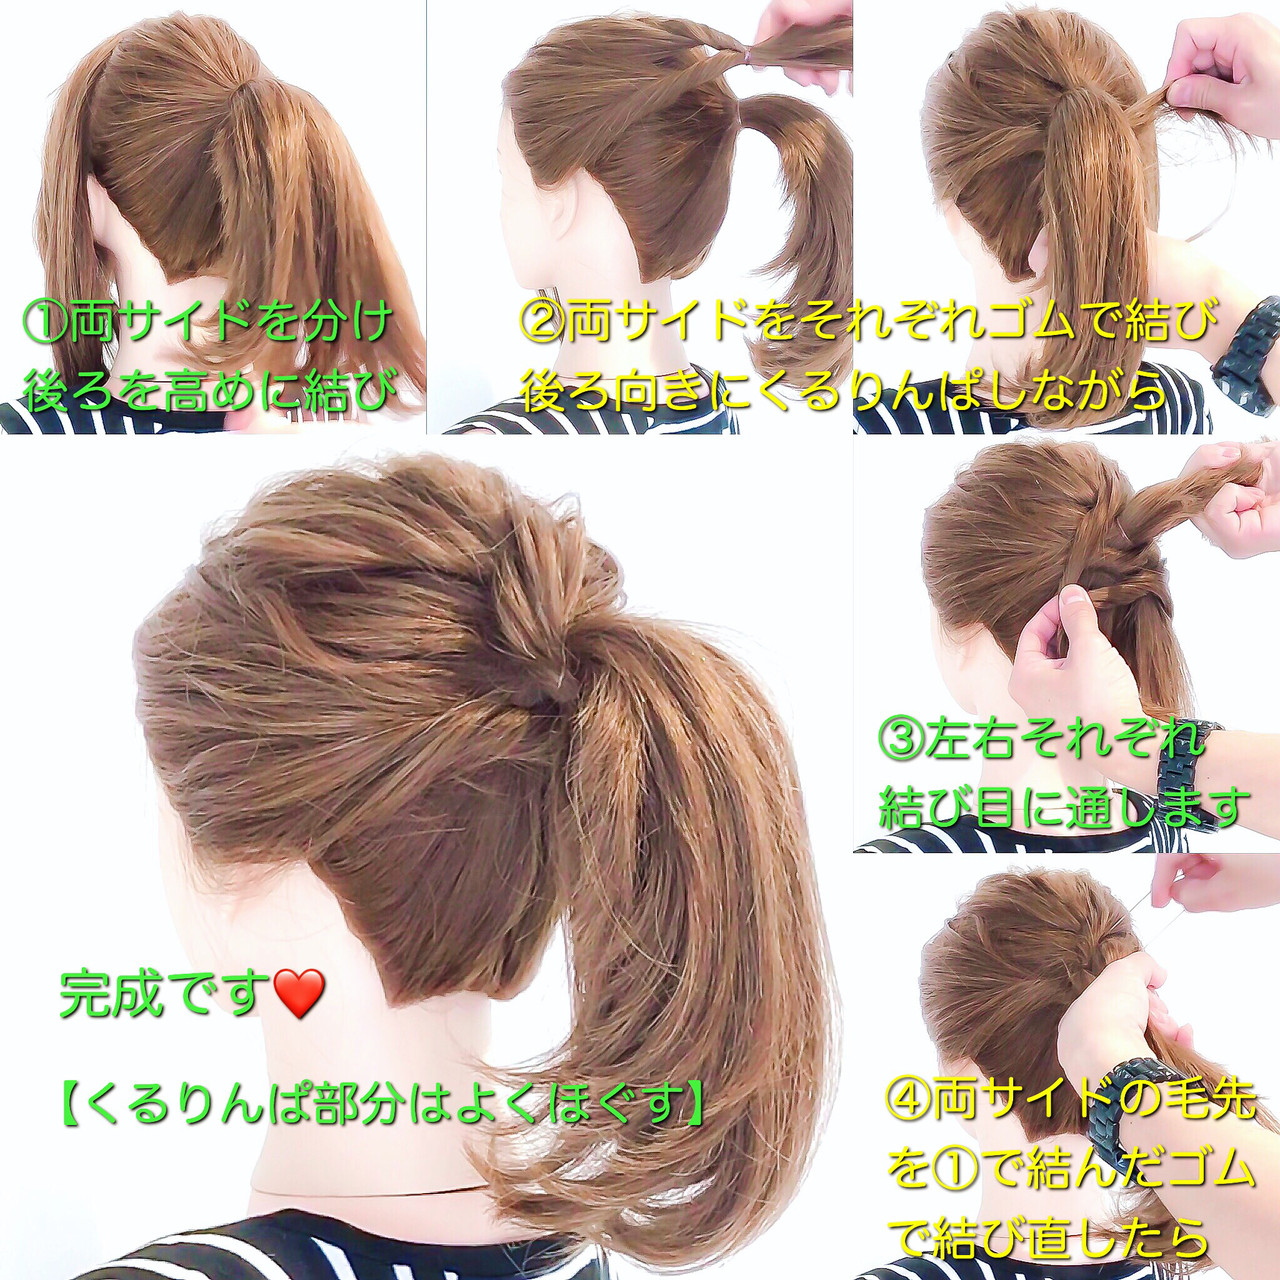 スポーツ ポニーテールアレンジ ヘアアレンジ 簡単ヘアアレンジ ヘアスタイルや髪型の写真・画像